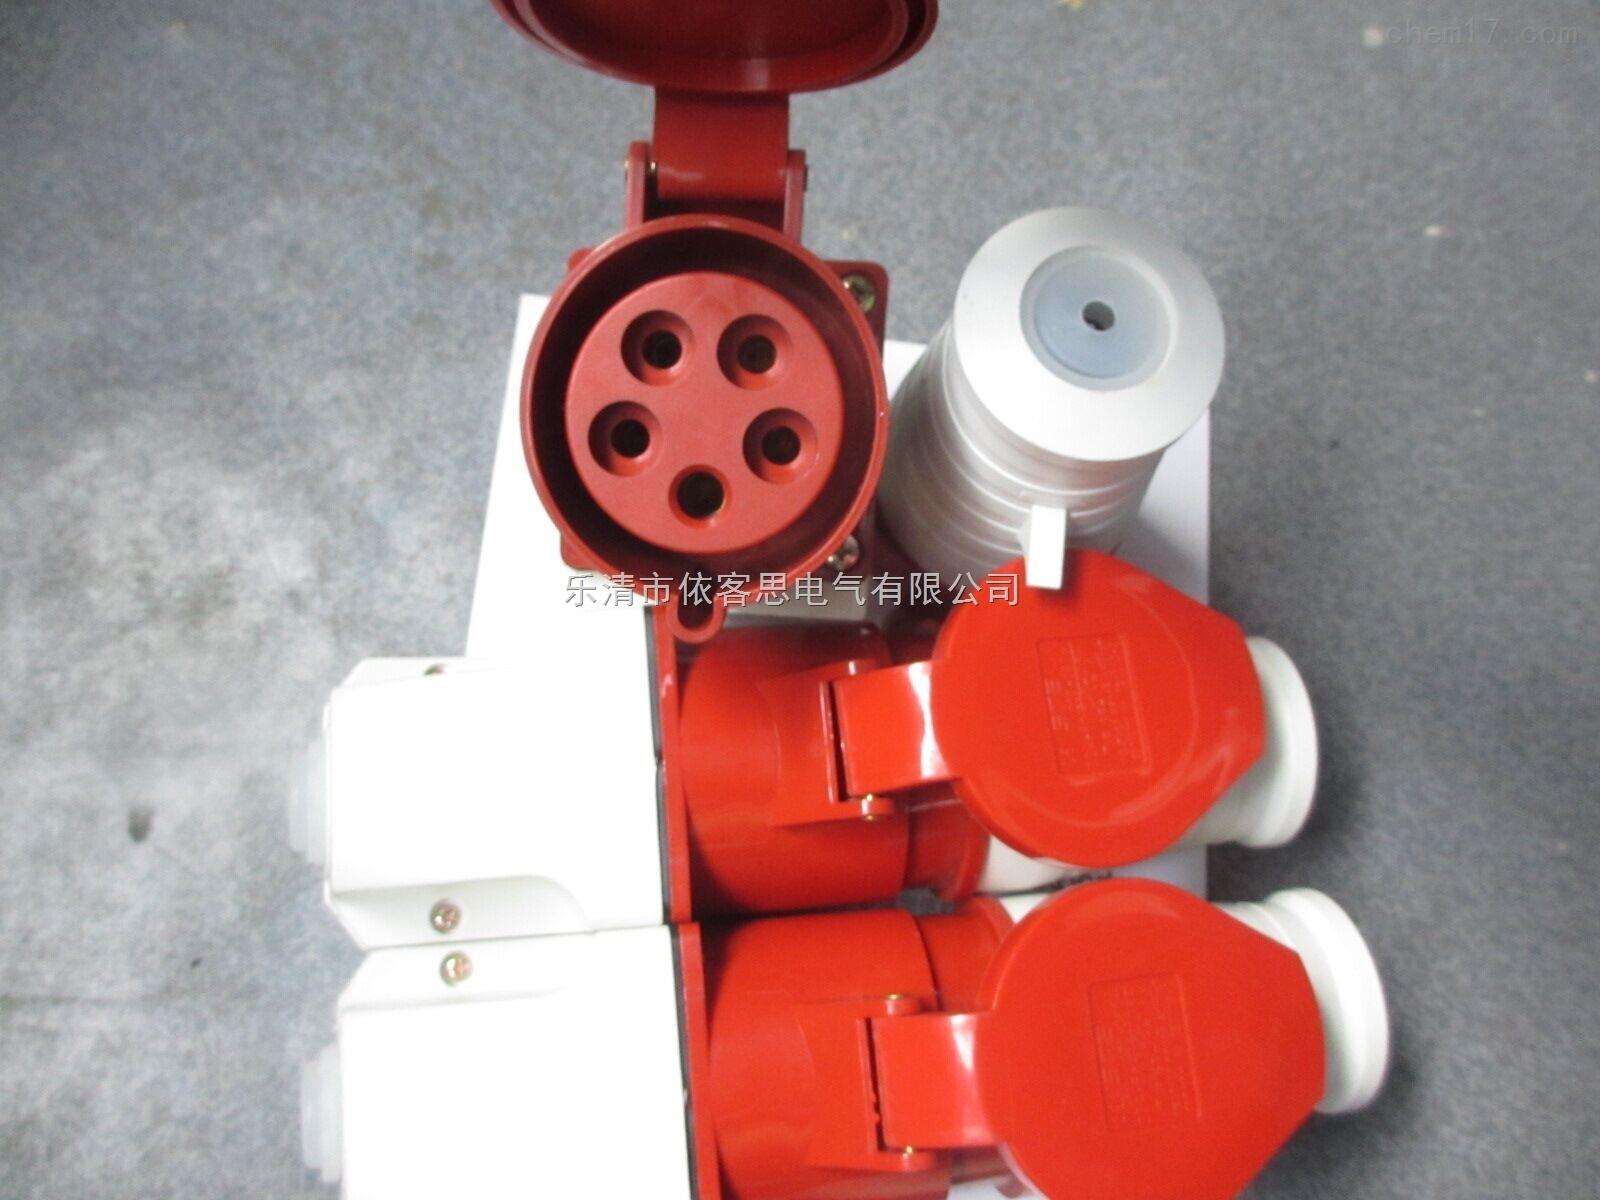 工业防水插头插座FCX-16A 220V 3孔 明装三防插接装置IP66